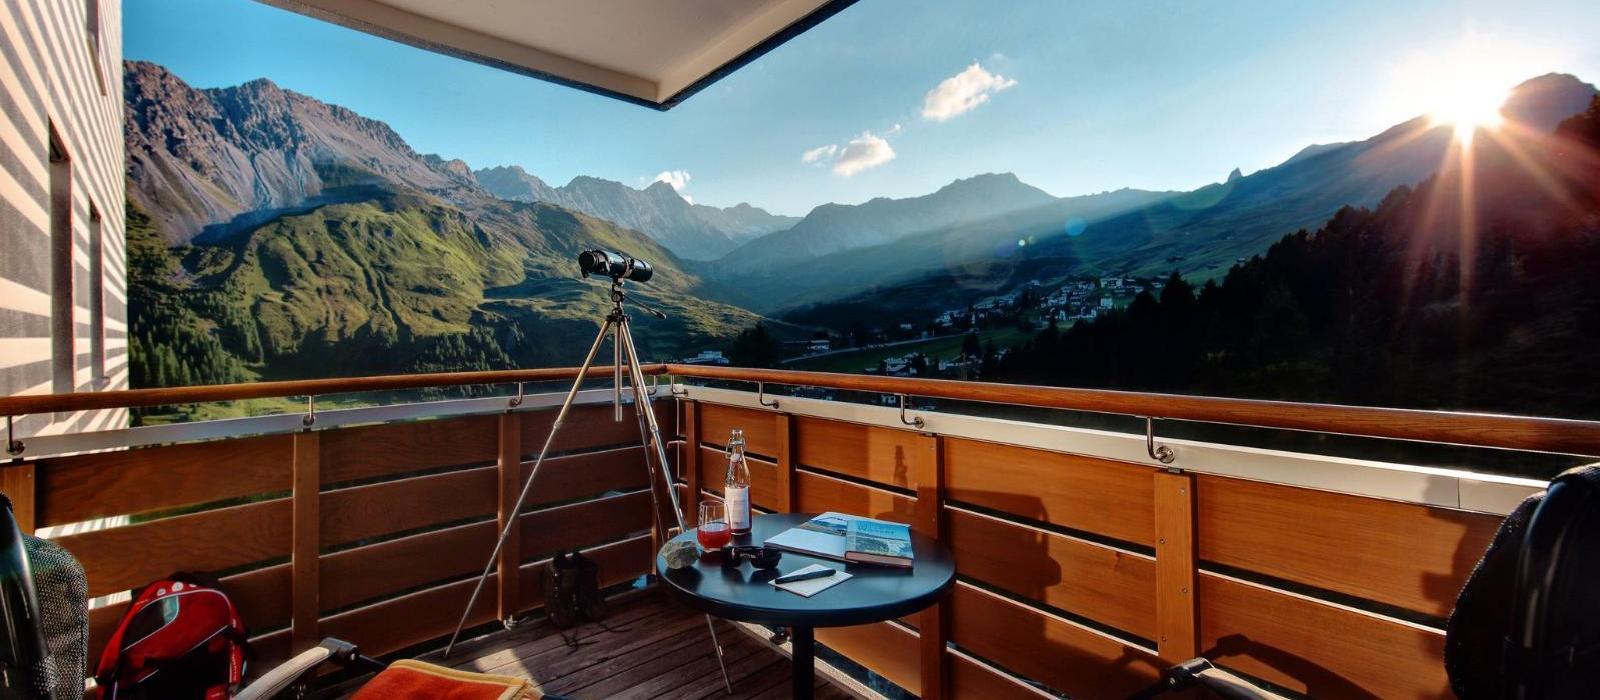 图亨度假酒店(Tschuggen Grand Hotel) 图片  www.lhw.cn